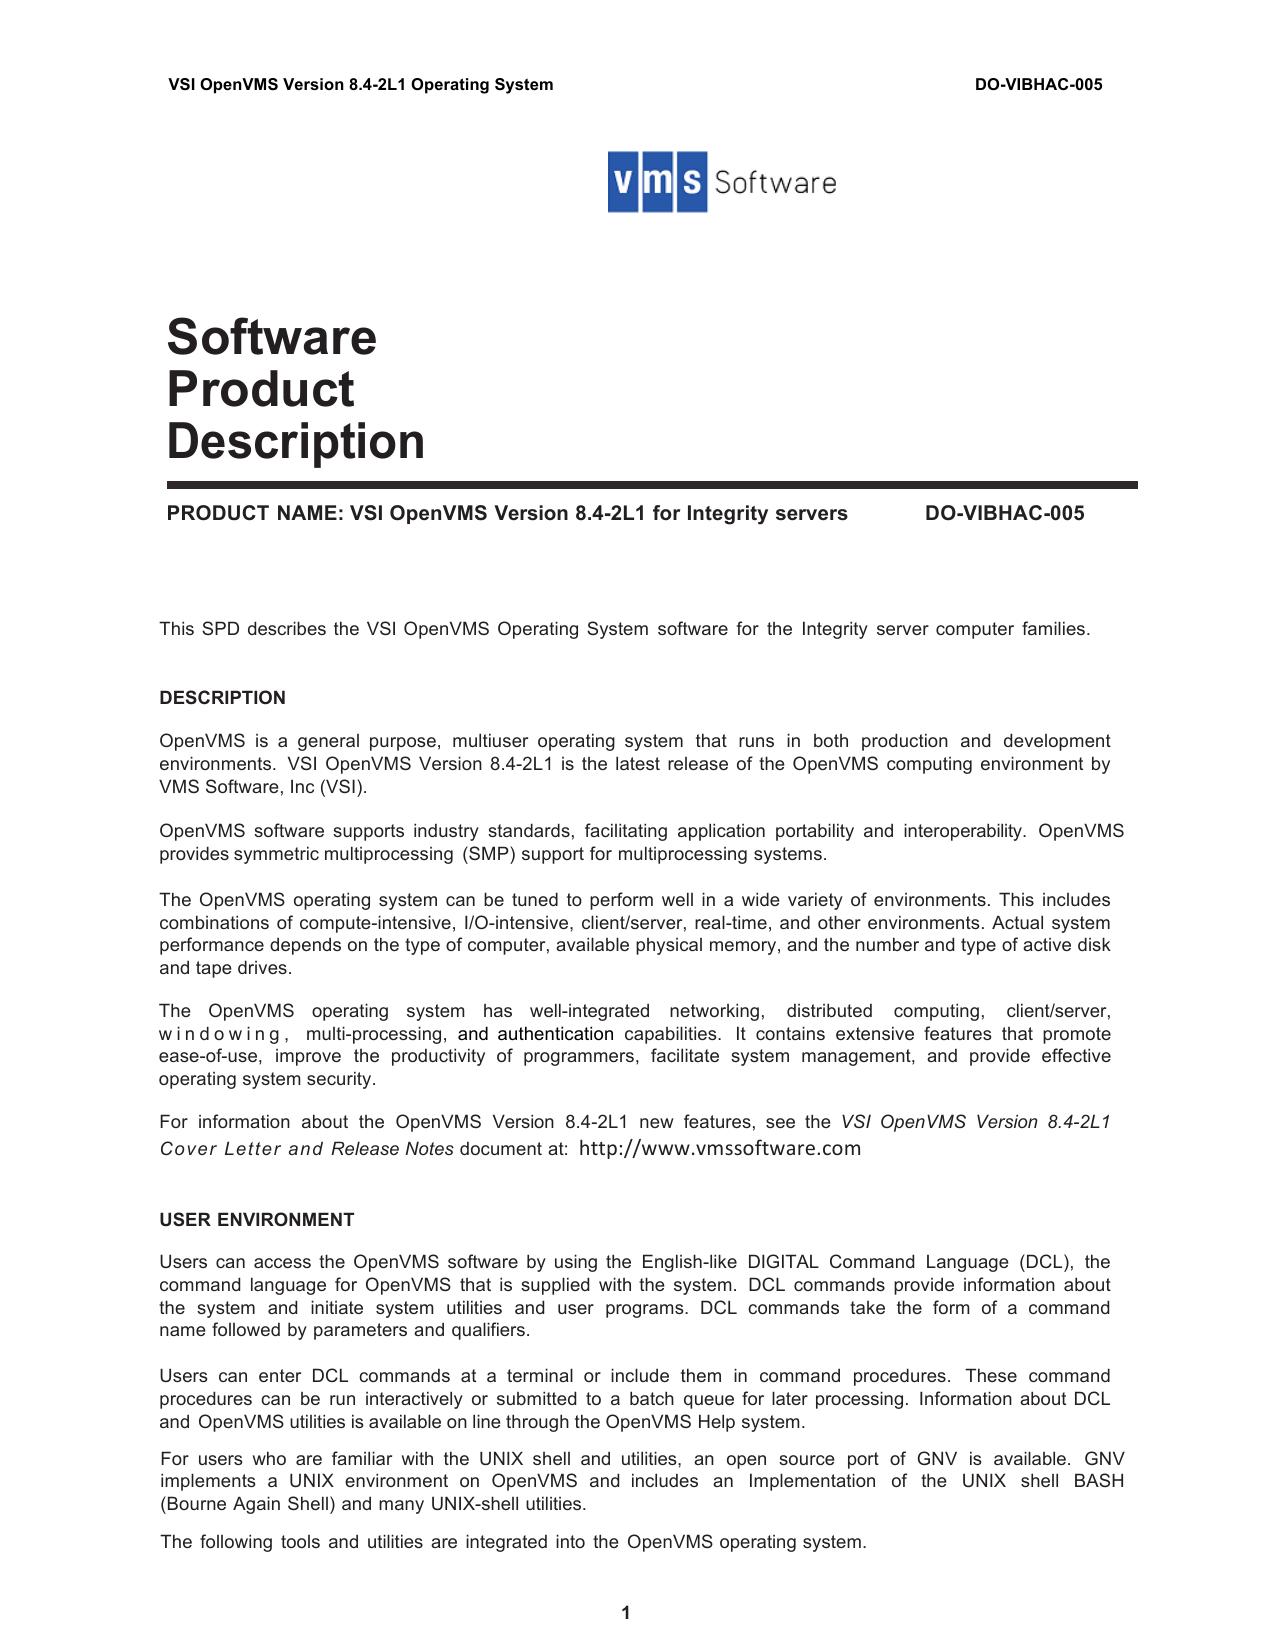 SPD - VMS Software, Inc. | manualzz.com